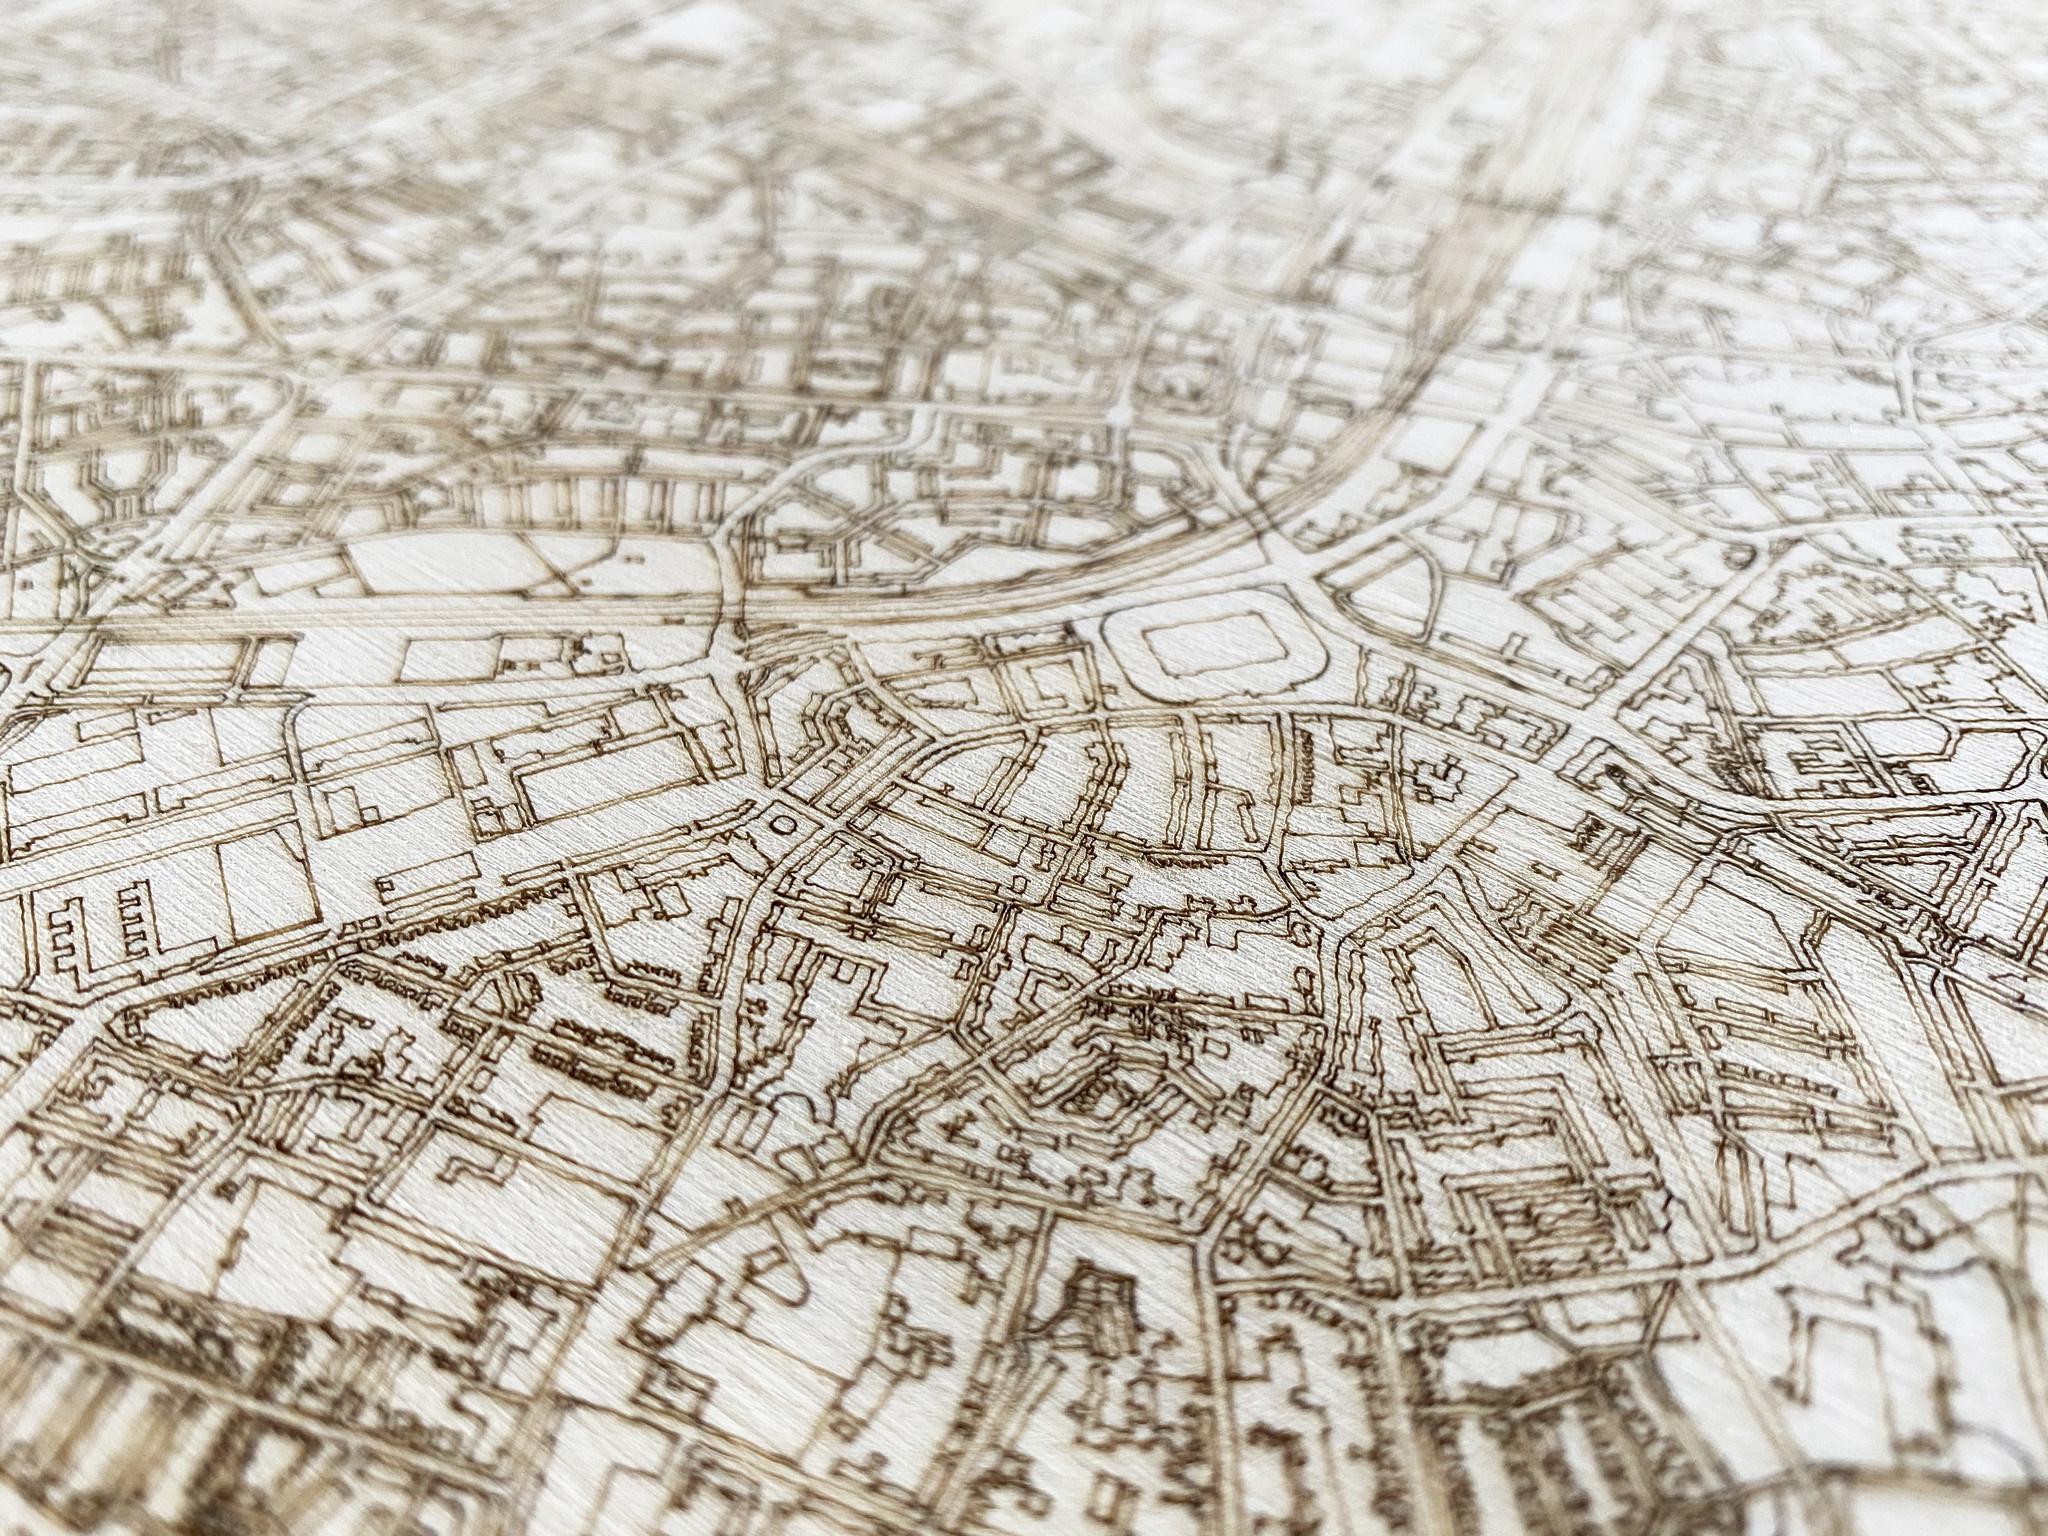 Stadtplan Medellin | Wanddekoration Holz-3